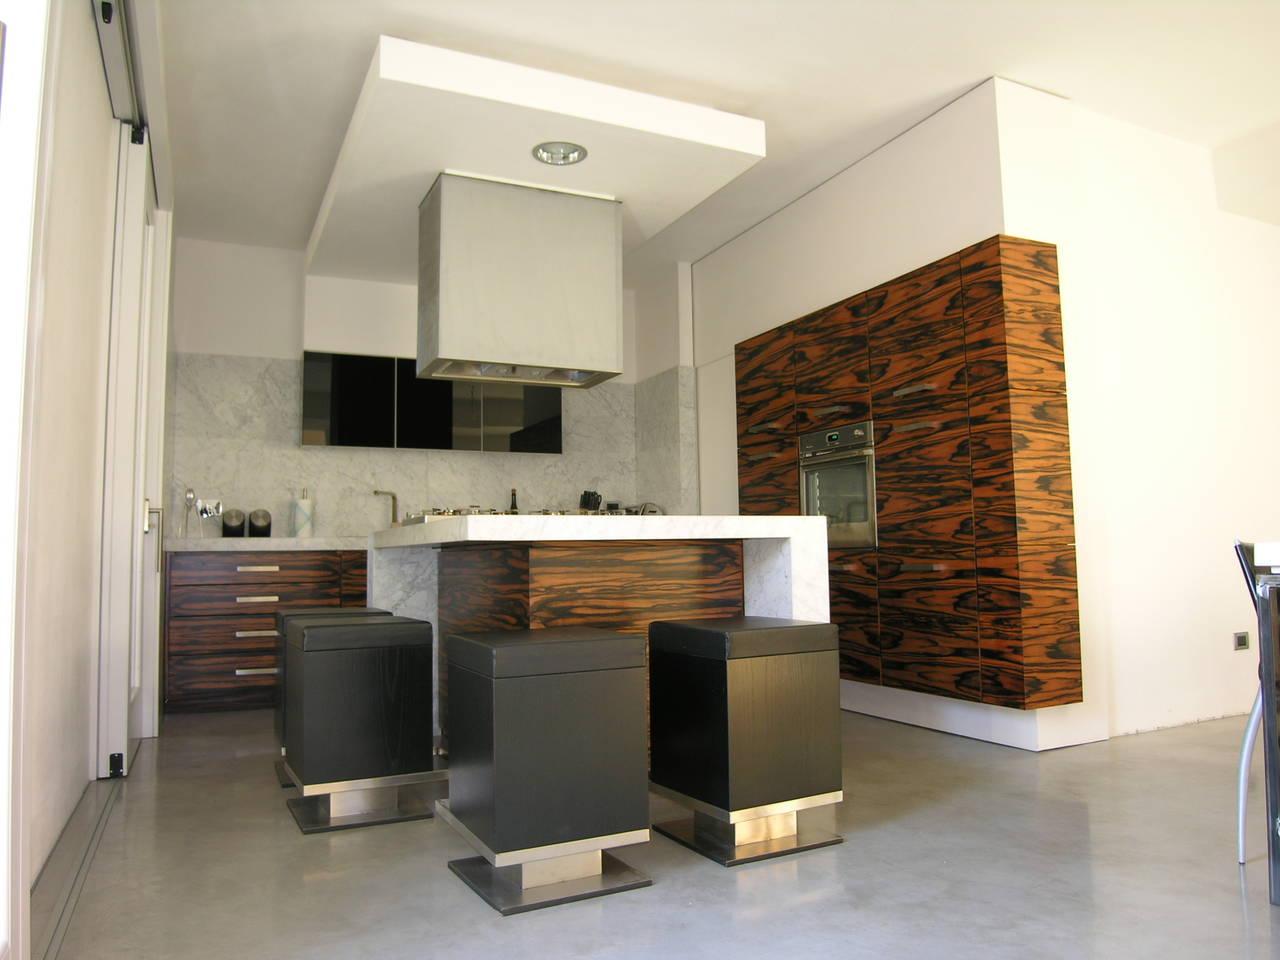 Una residenza progettata dal proprietario in sintonia con le proprie esigenze di vita